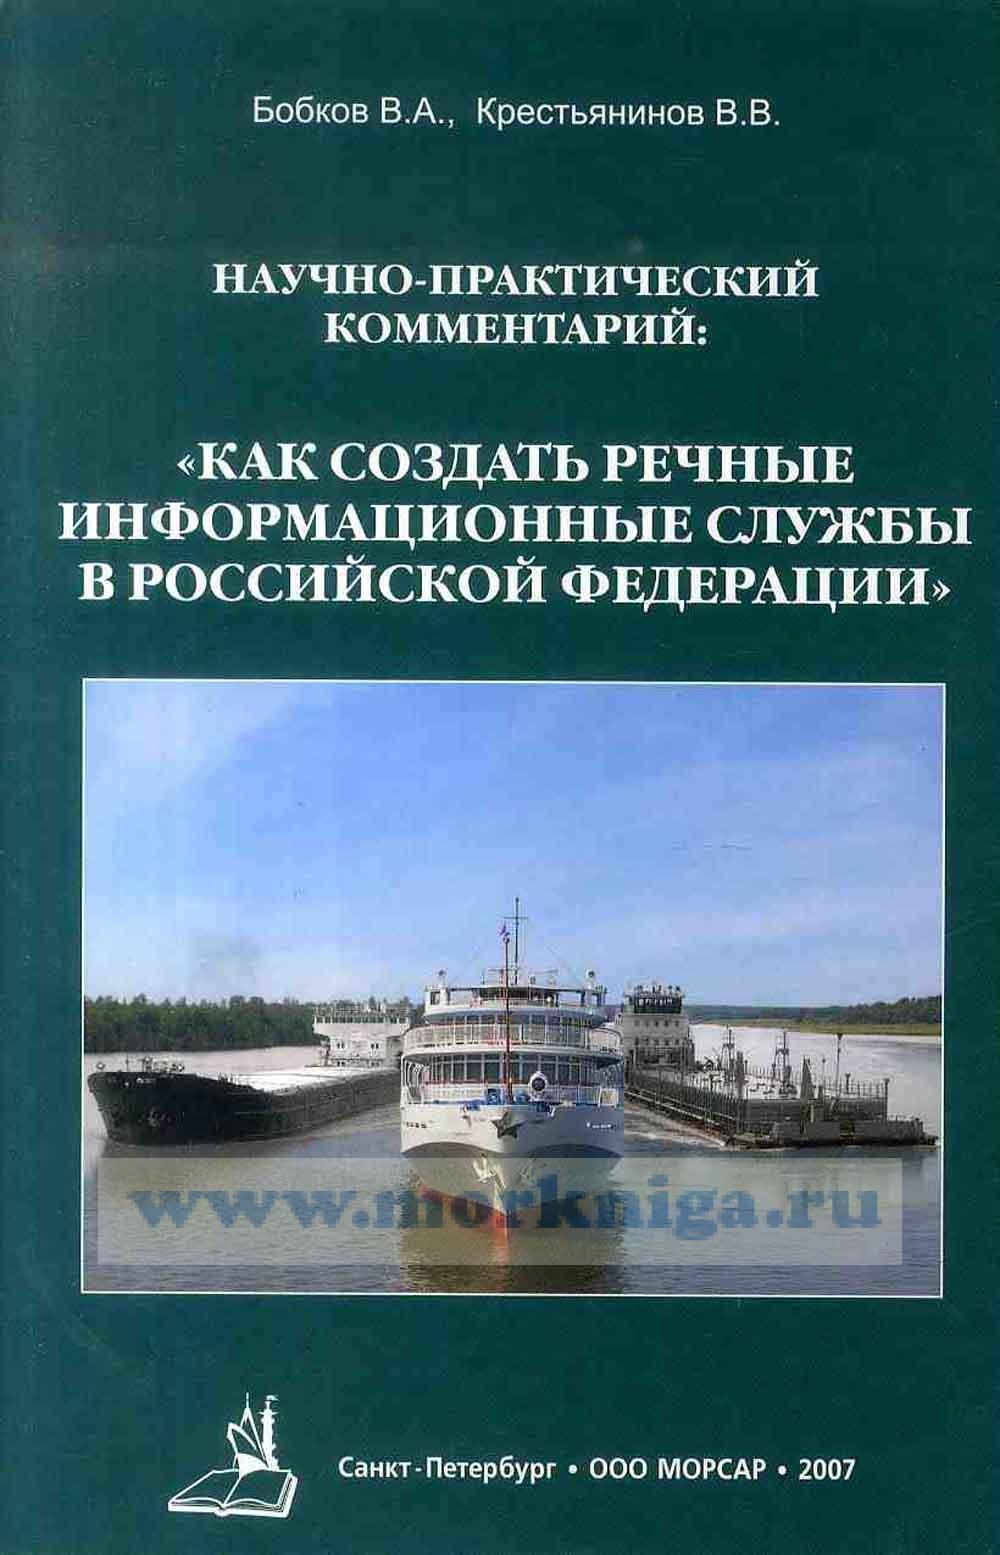 Как создать Речные Информационные Службы в Российской Федерации. Научно-практический комментарий